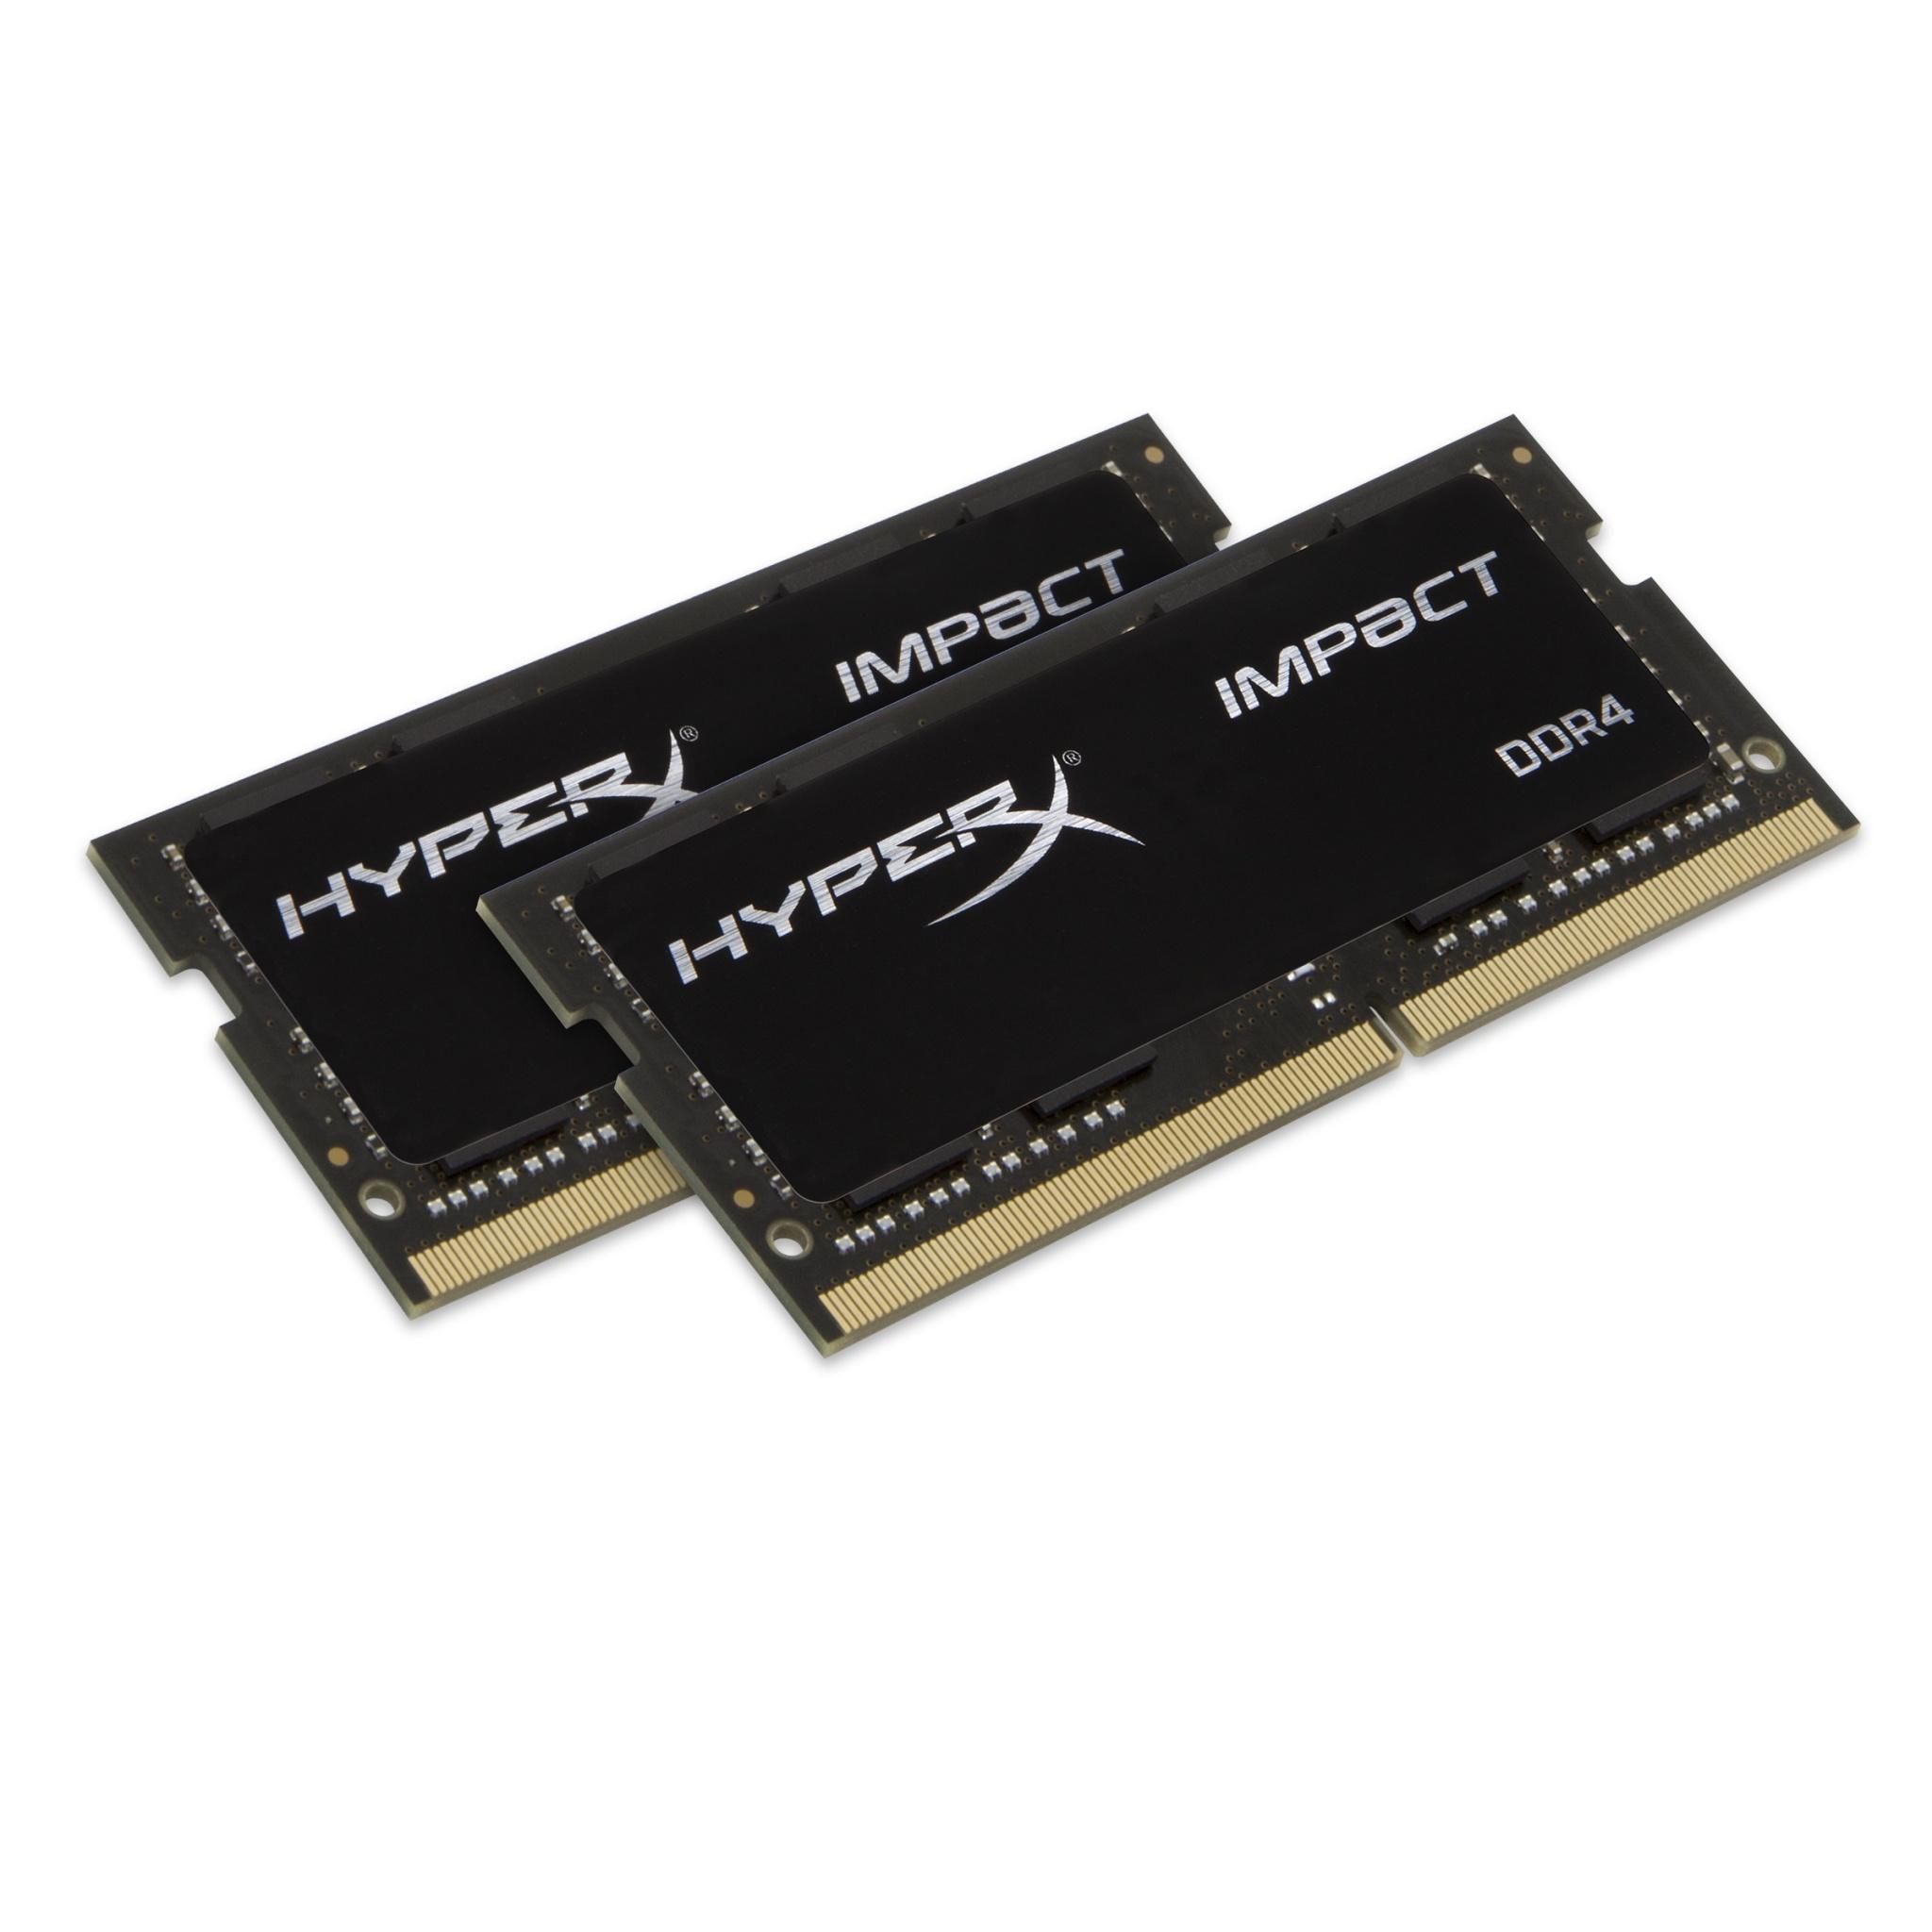 32GB Kingston HyperX PC4-19200 DDR4 2400MHz CL14 SO-DIMM Laptop Kit 2x16GB